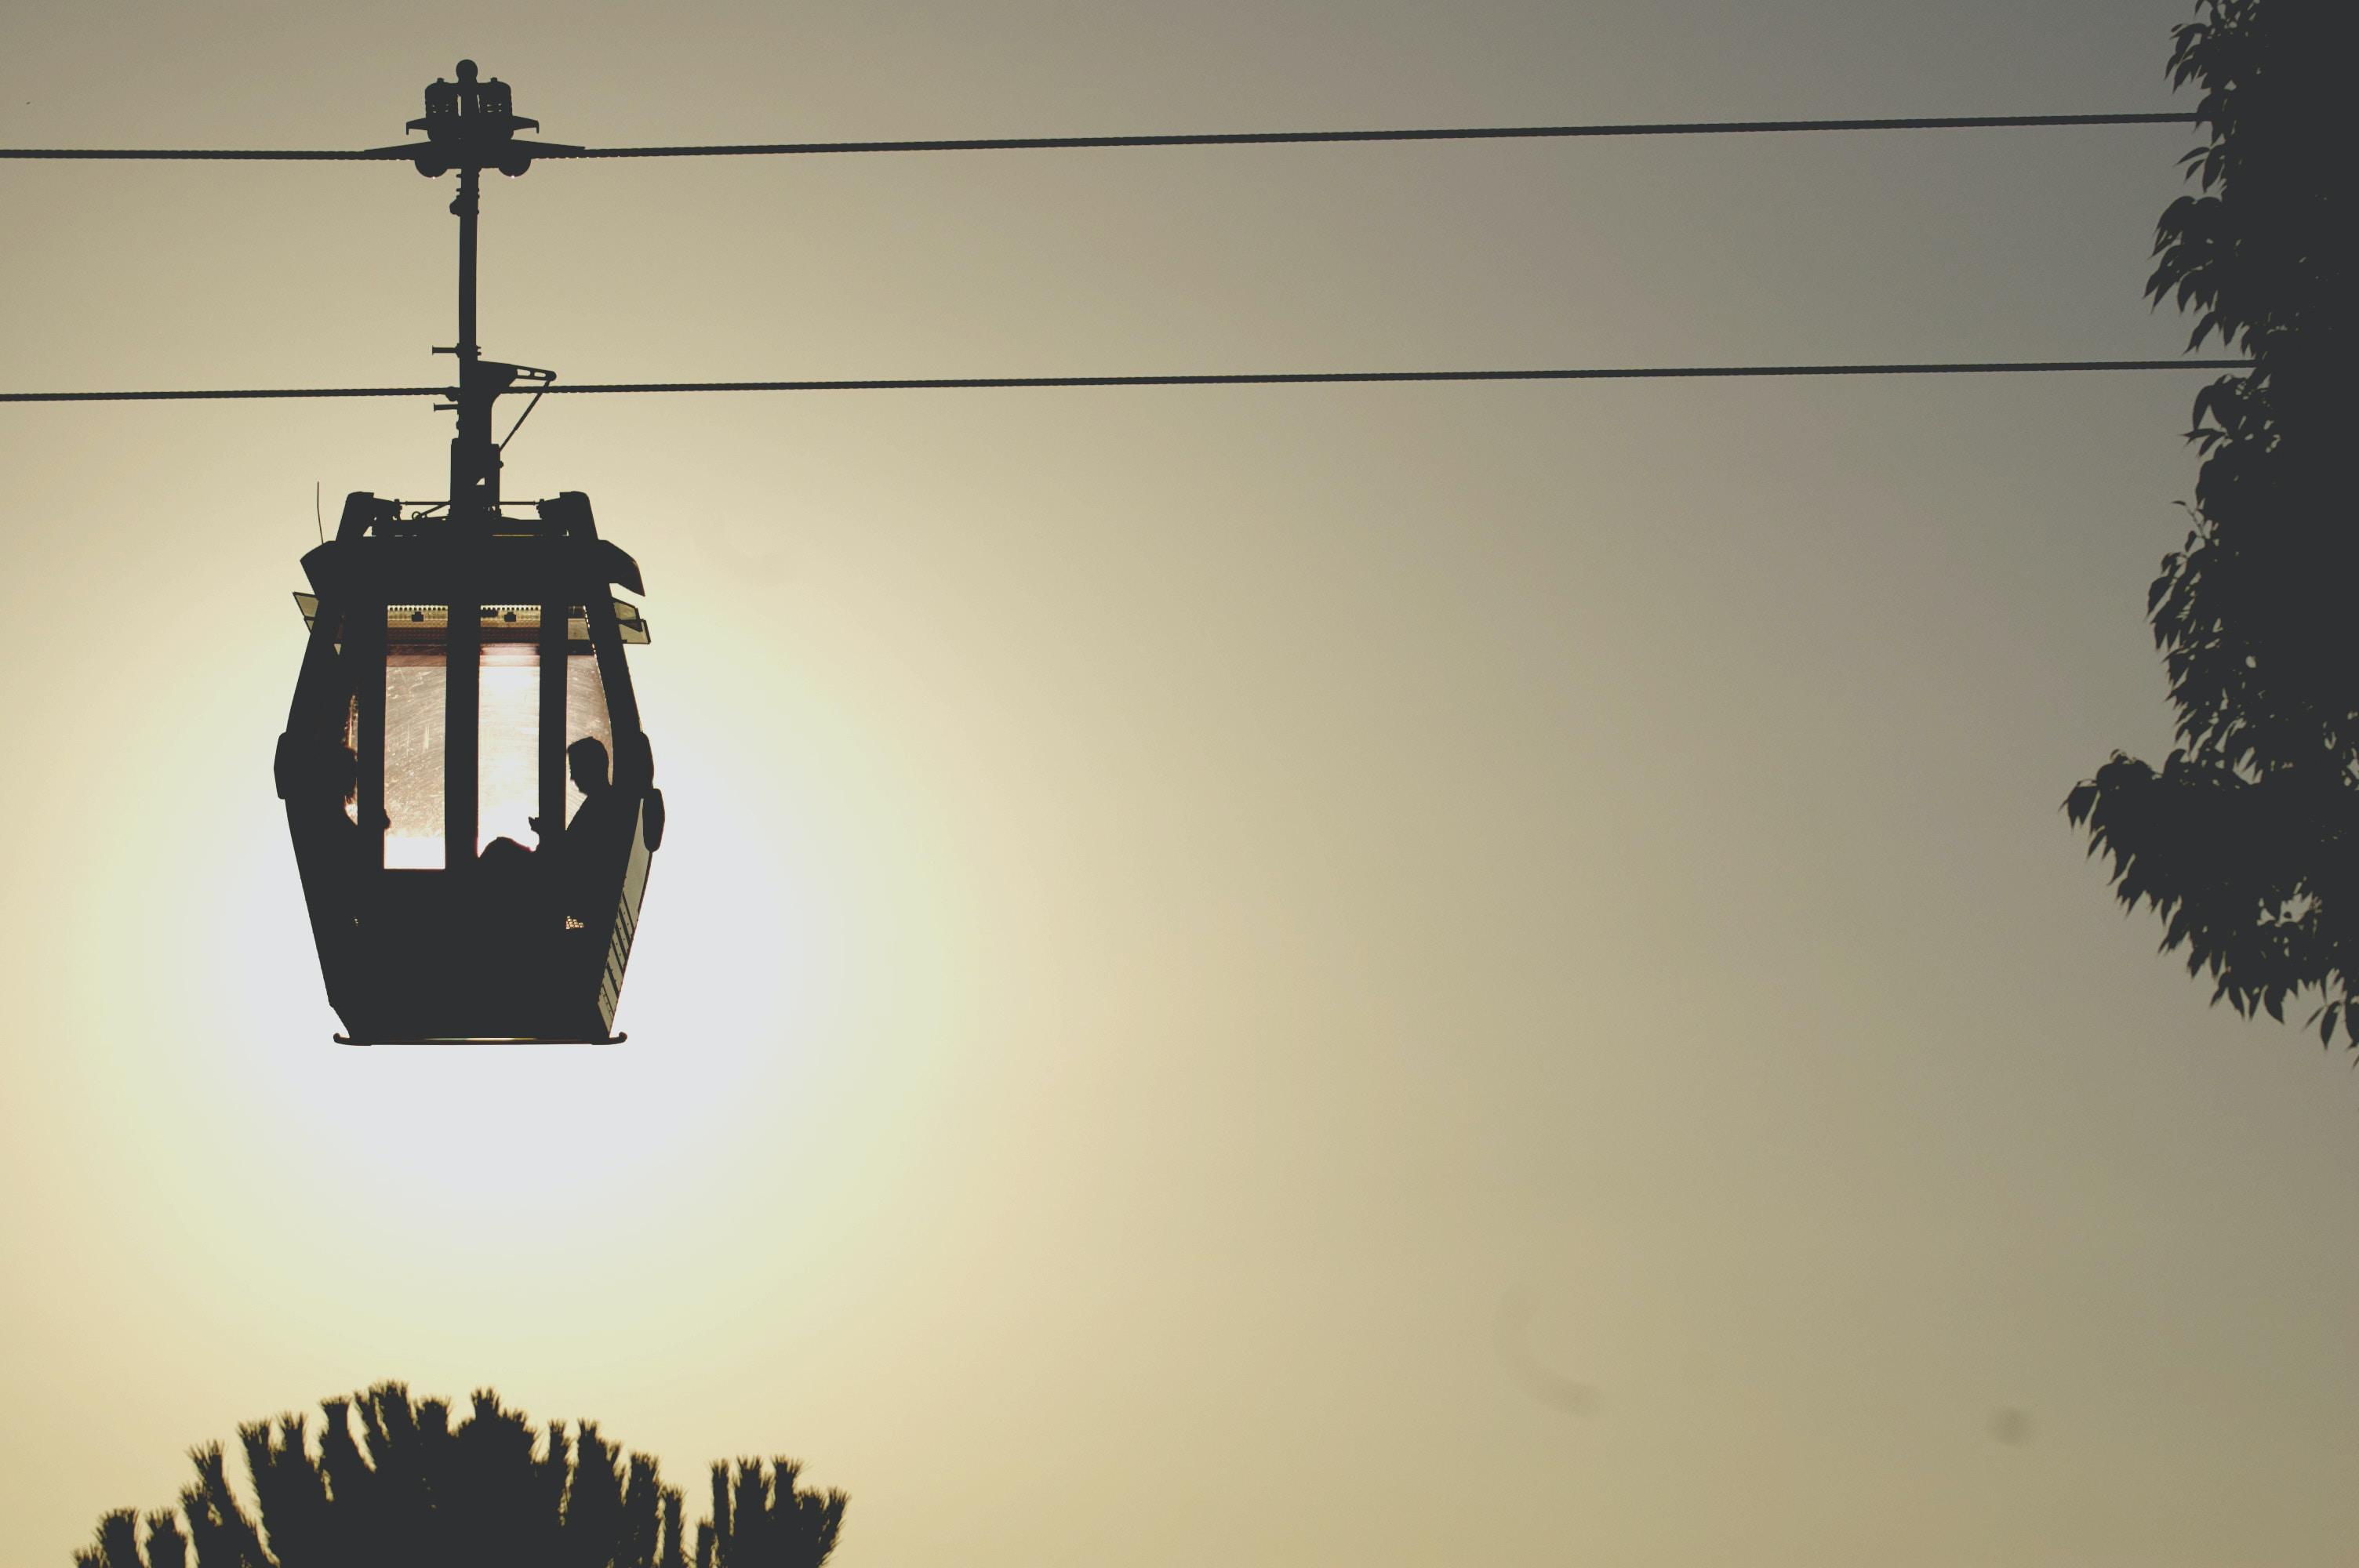 black ski lift